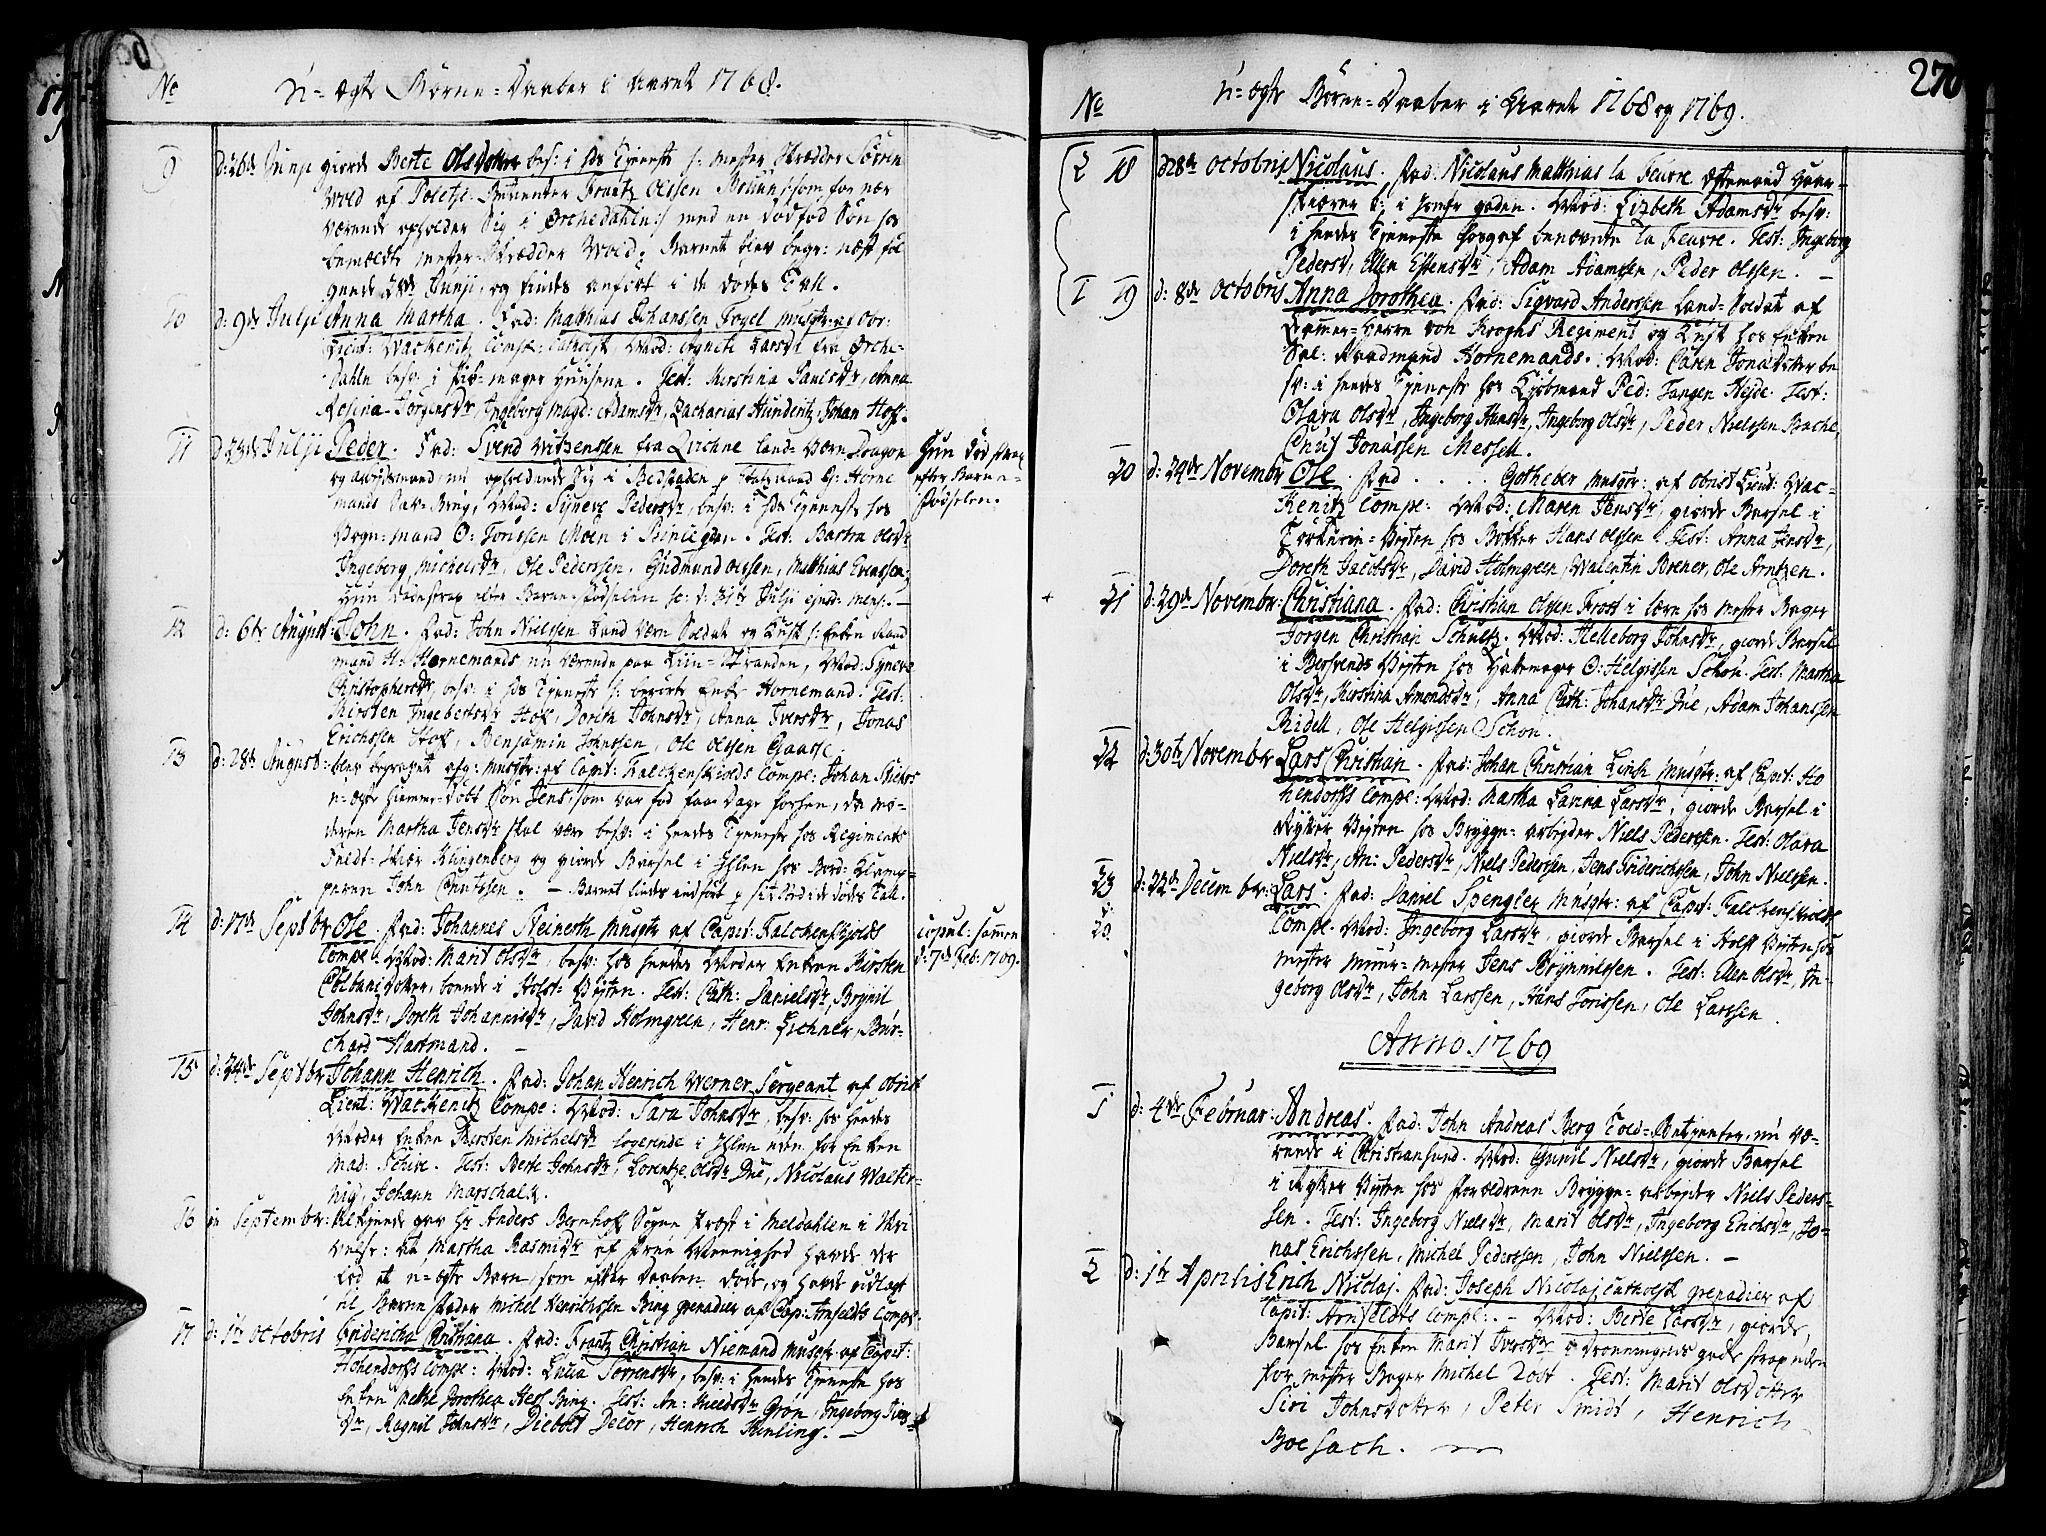 SAT, Ministerialprotokoller, klokkerbøker og fødselsregistre - Sør-Trøndelag, 602/L0103: Ministerialbok nr. 602A01, 1732-1774, s. 270